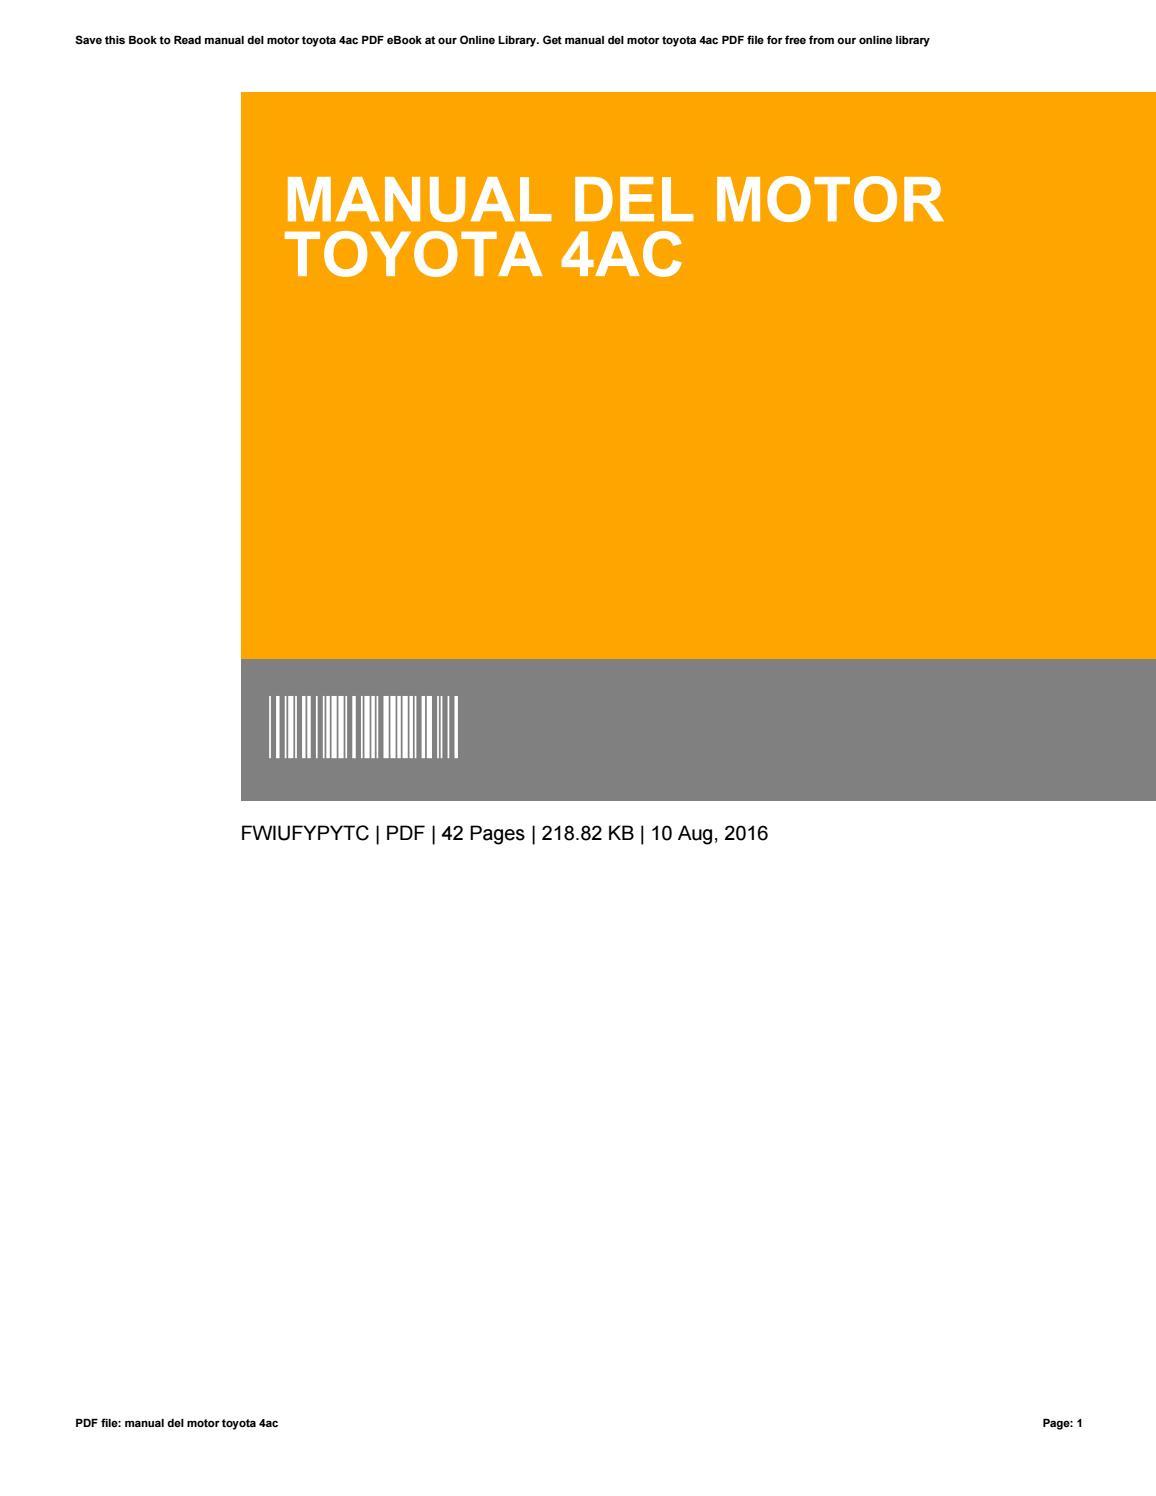 manual del motor toyota 4ac by lpo35 issuu rh issuu com